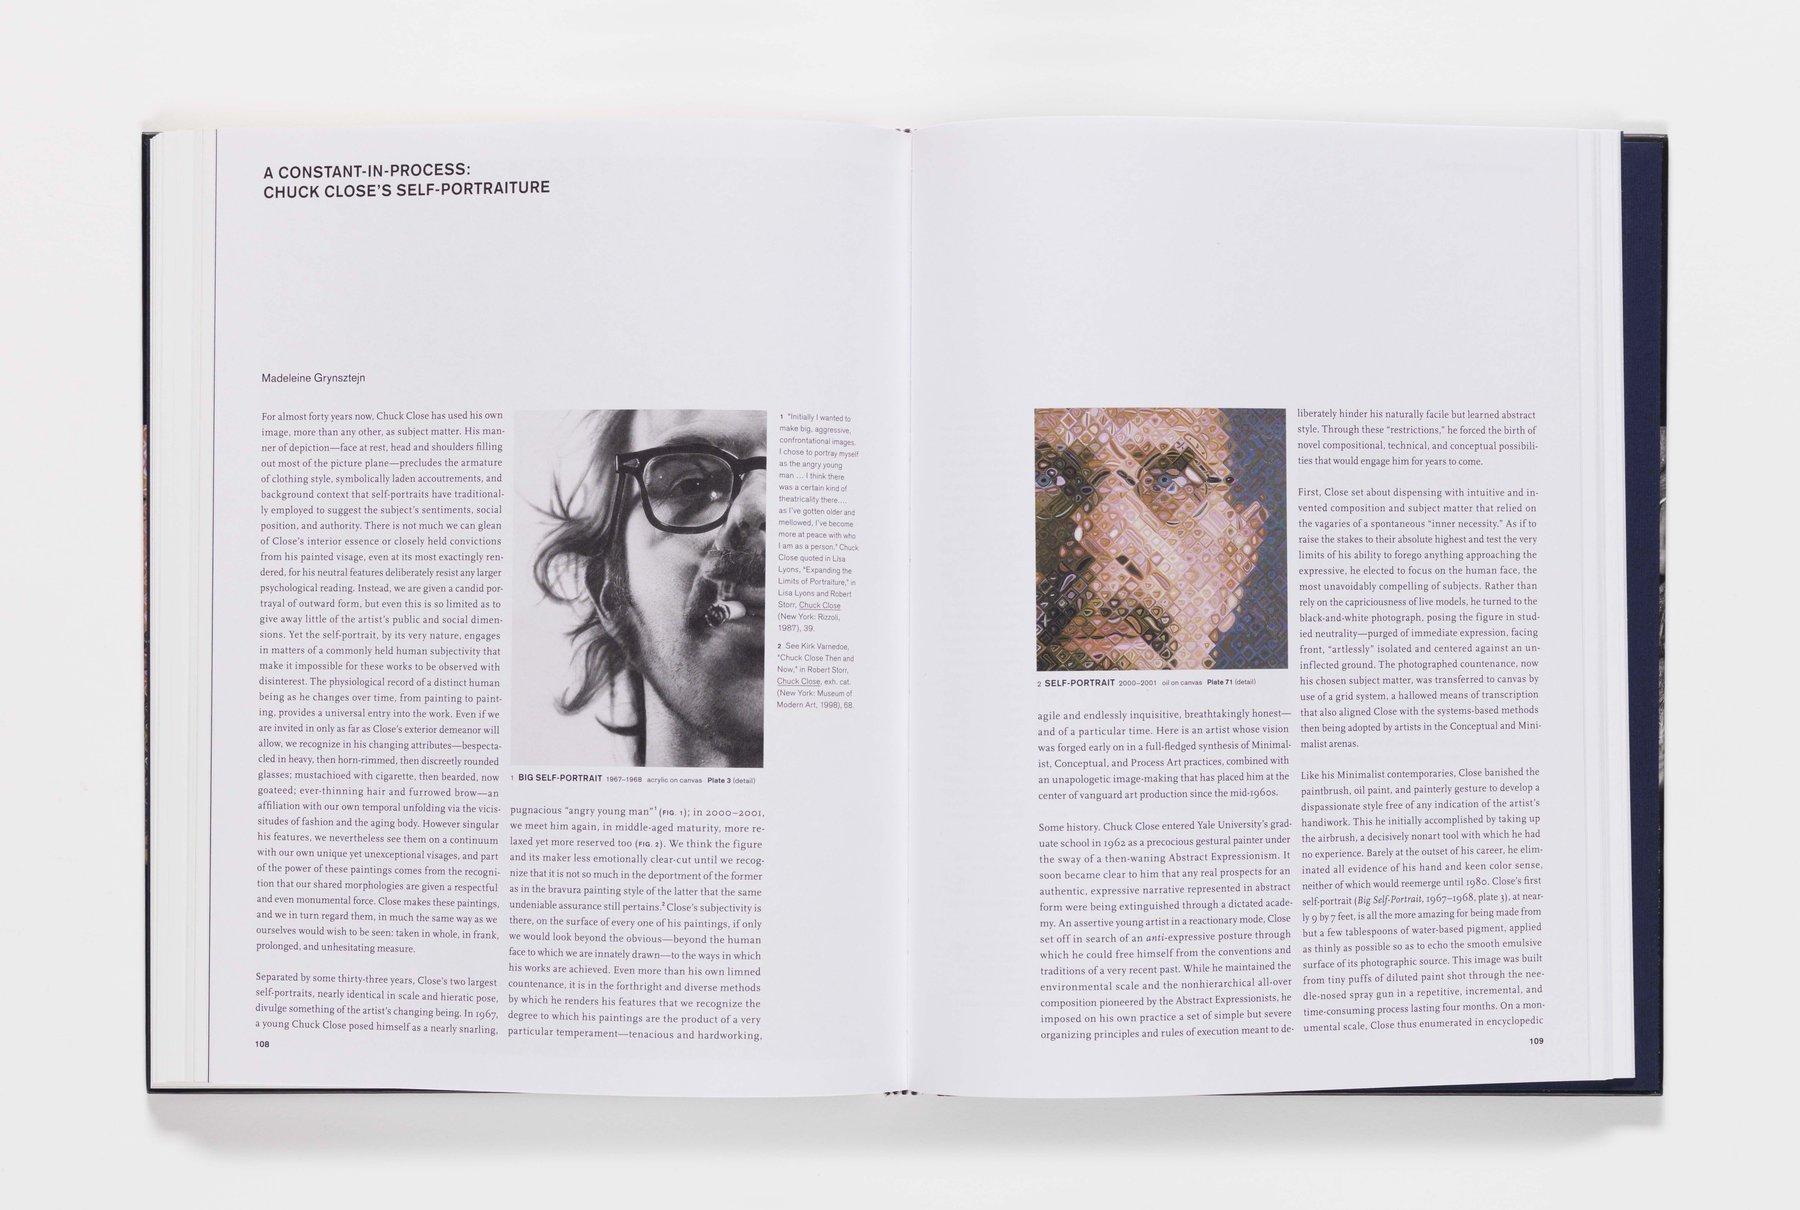 Chuck Close Self-Portraits publication pages 108_109